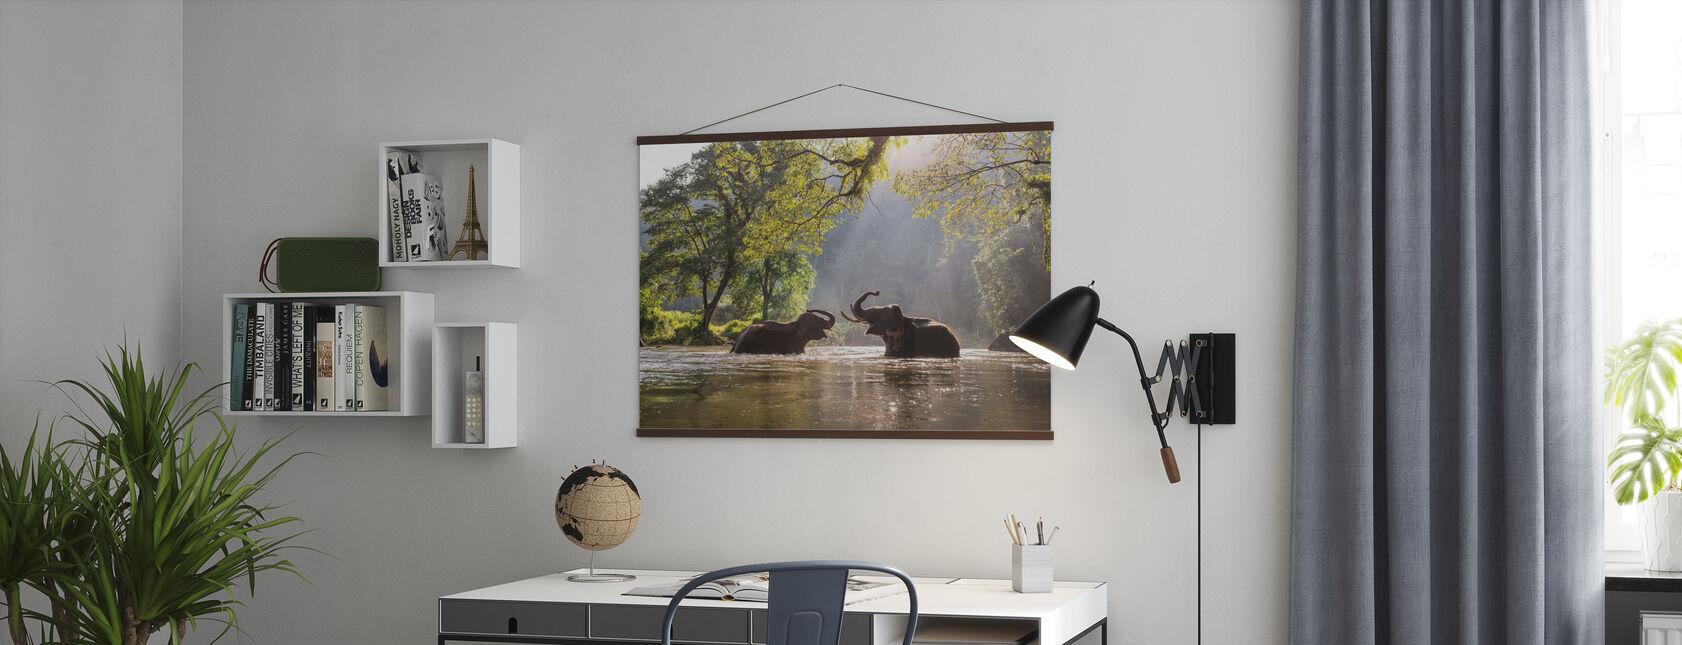 L'éléphant joue de l'eau - Affiche - Bureau